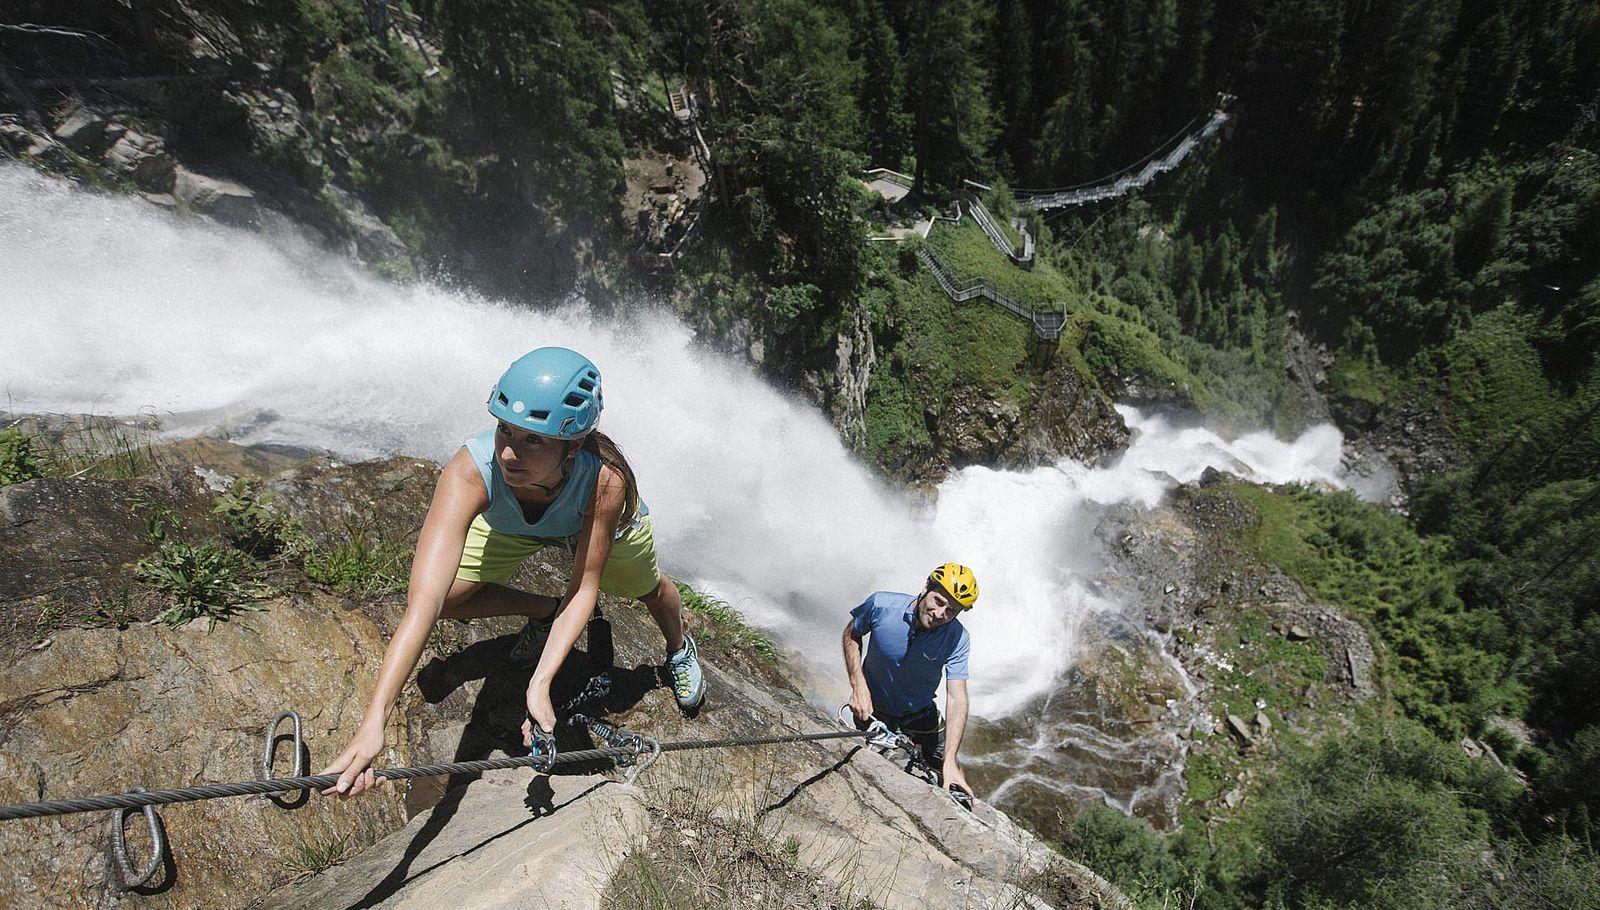 Hoch hinaus geht es auf dem Klettersteig oder Klettergarten